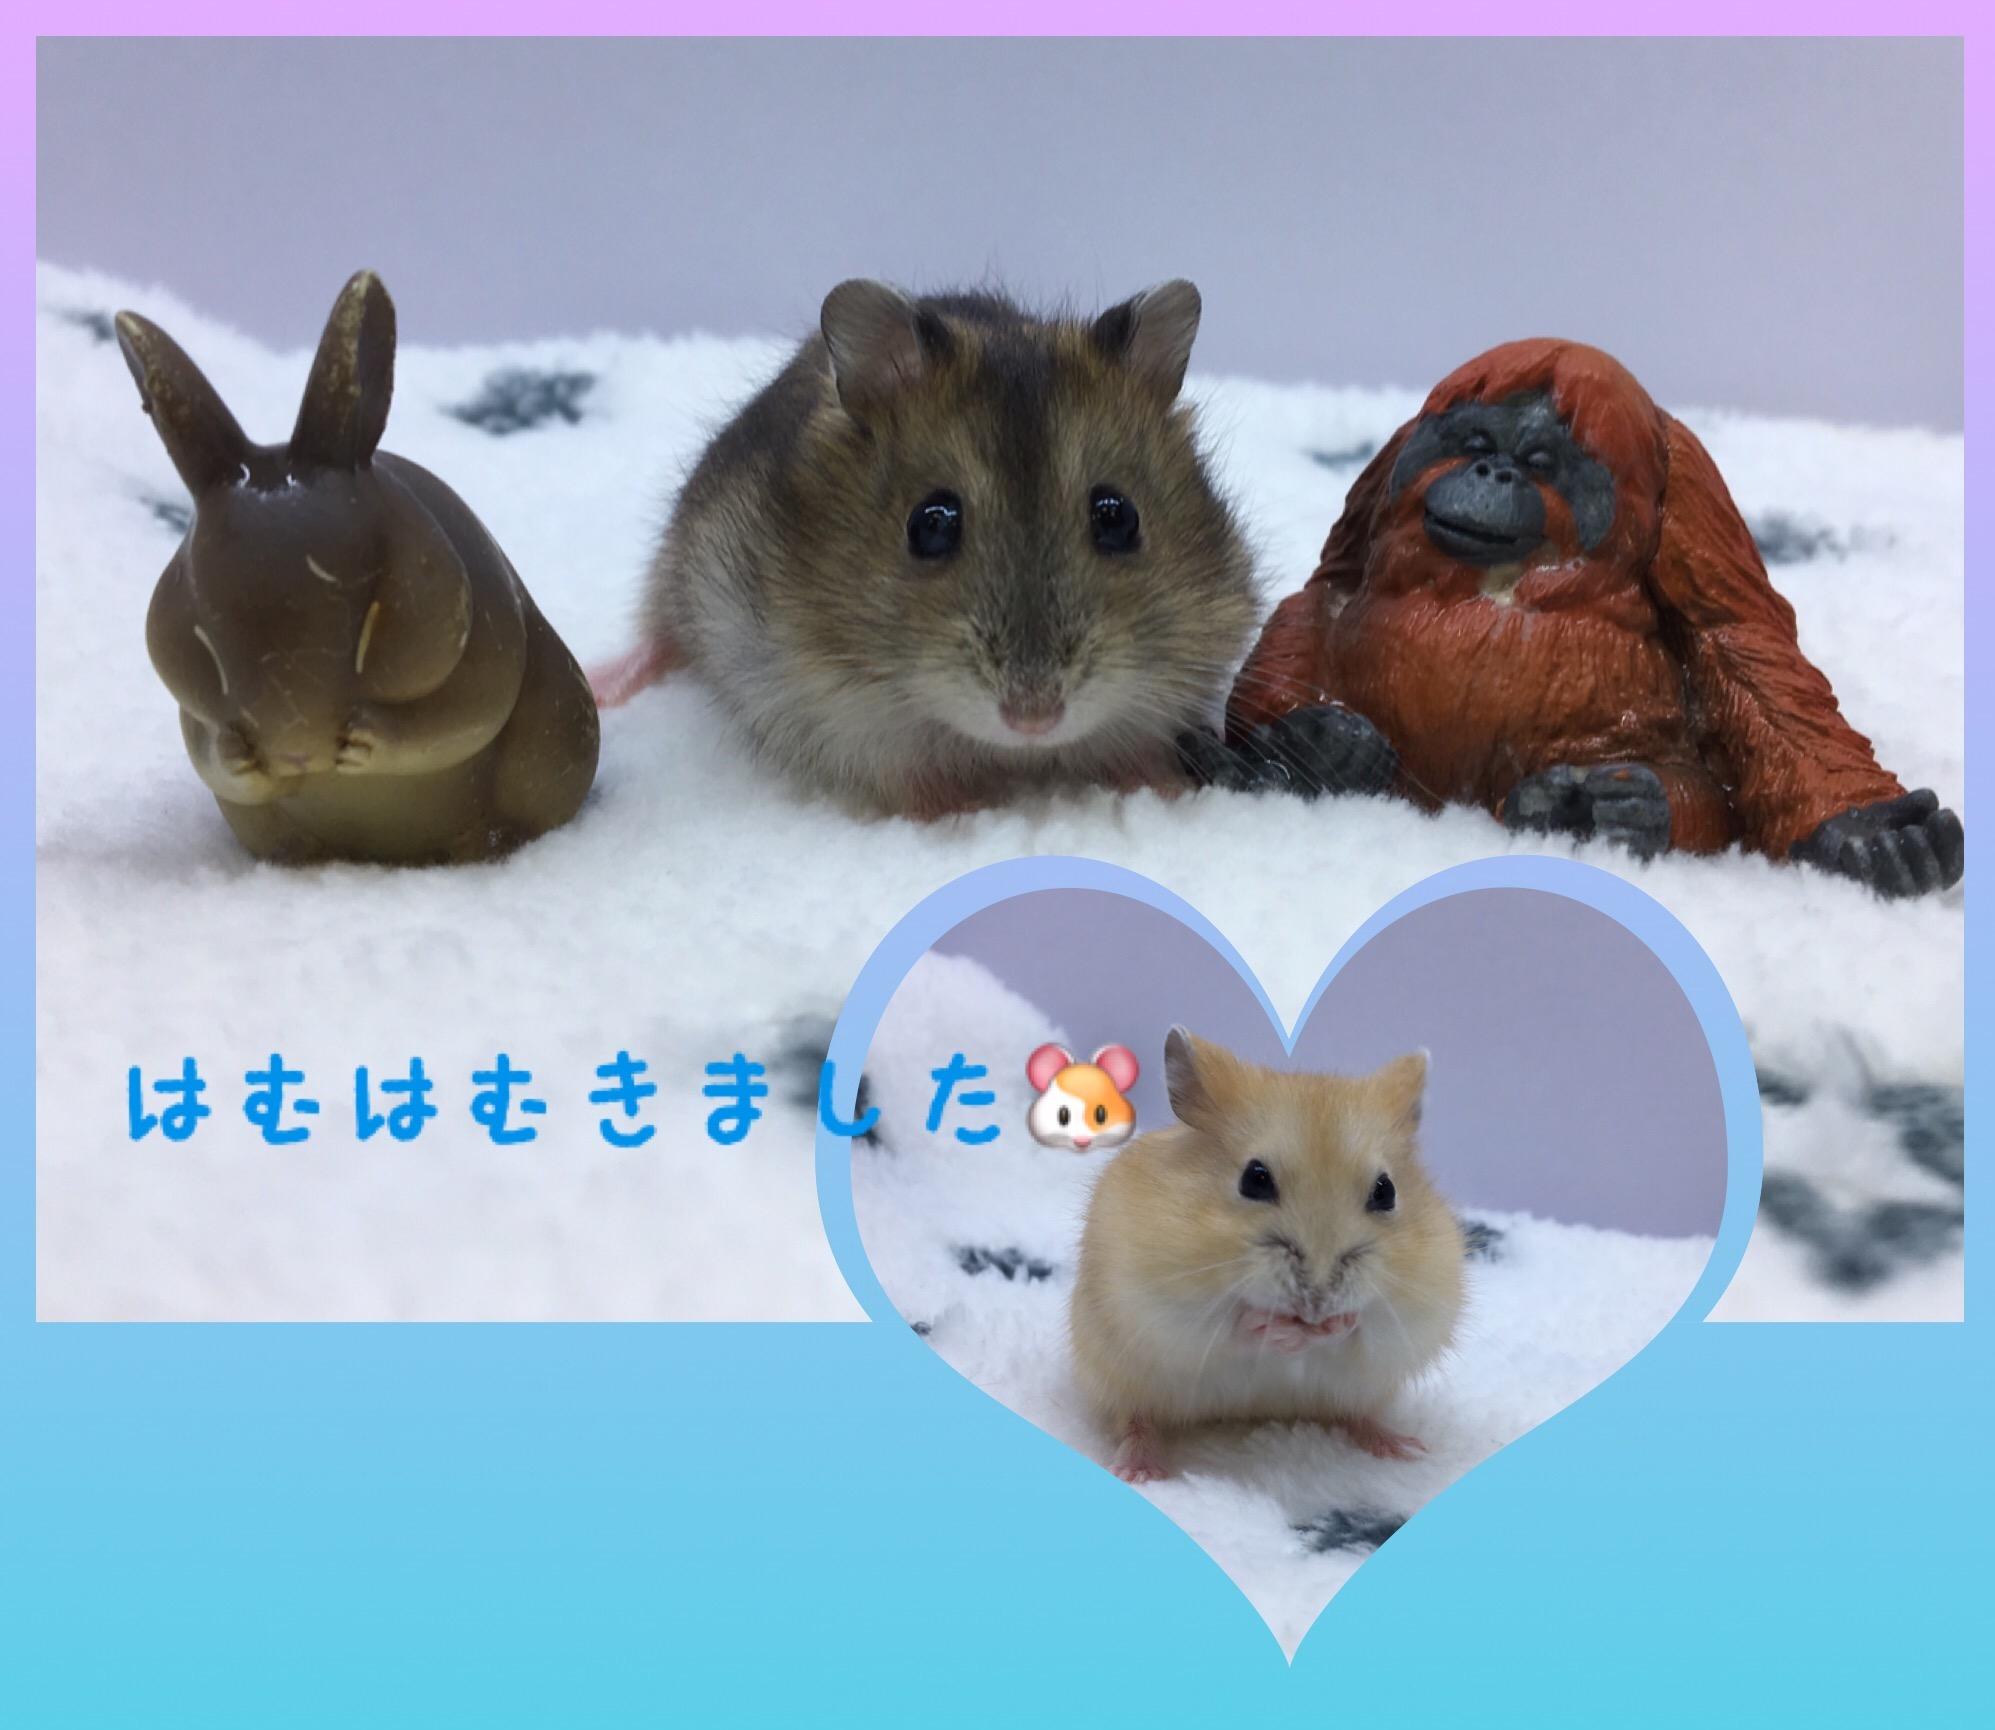 【 インター小動物 】はむちゃん補充完了(・ω・)ゞ